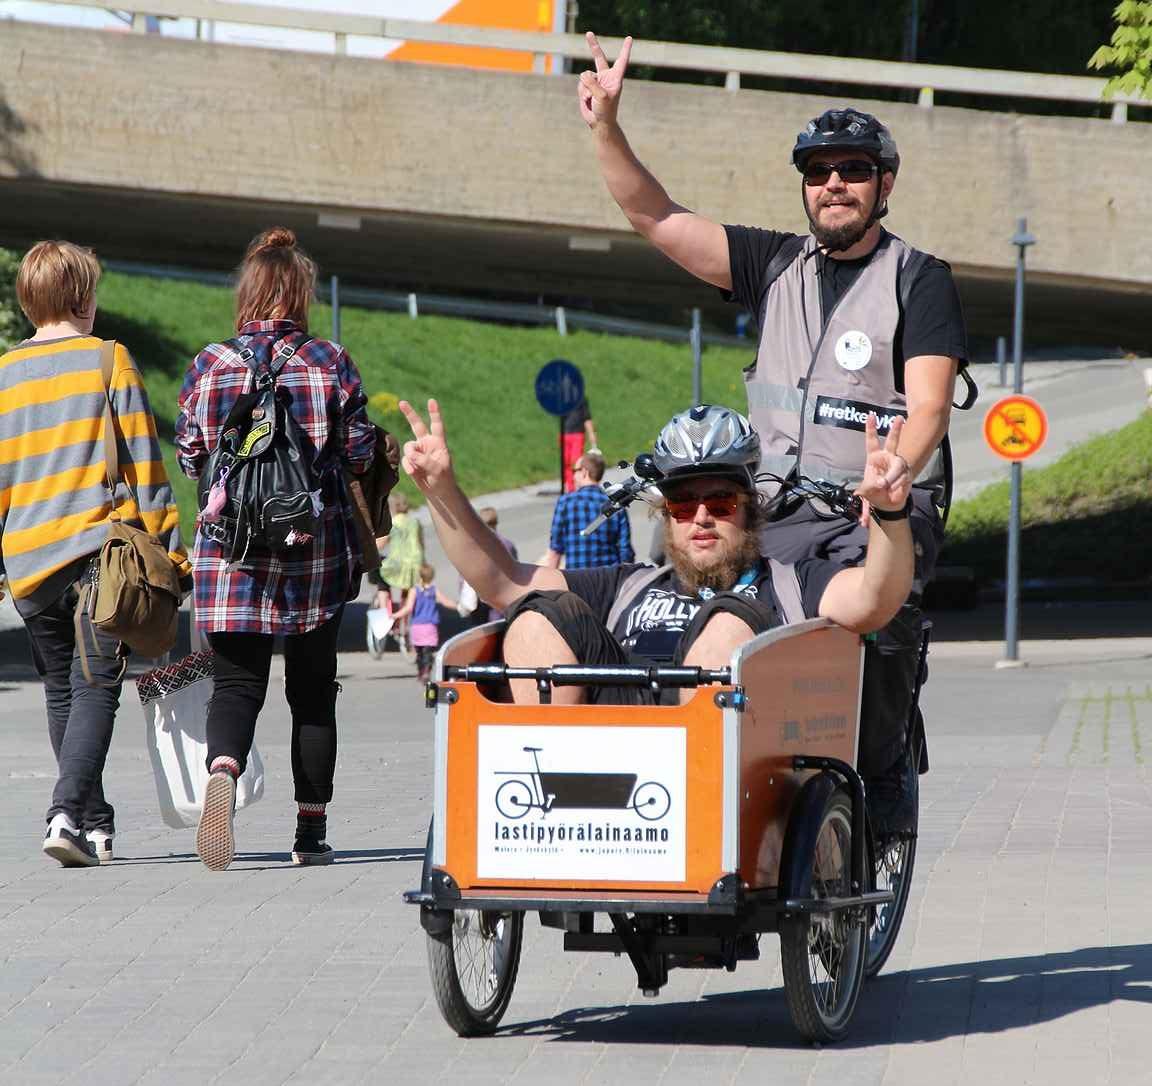 Jyväskylä on parasta pyöräillen. copyright Hanna Hauvala, JAMK